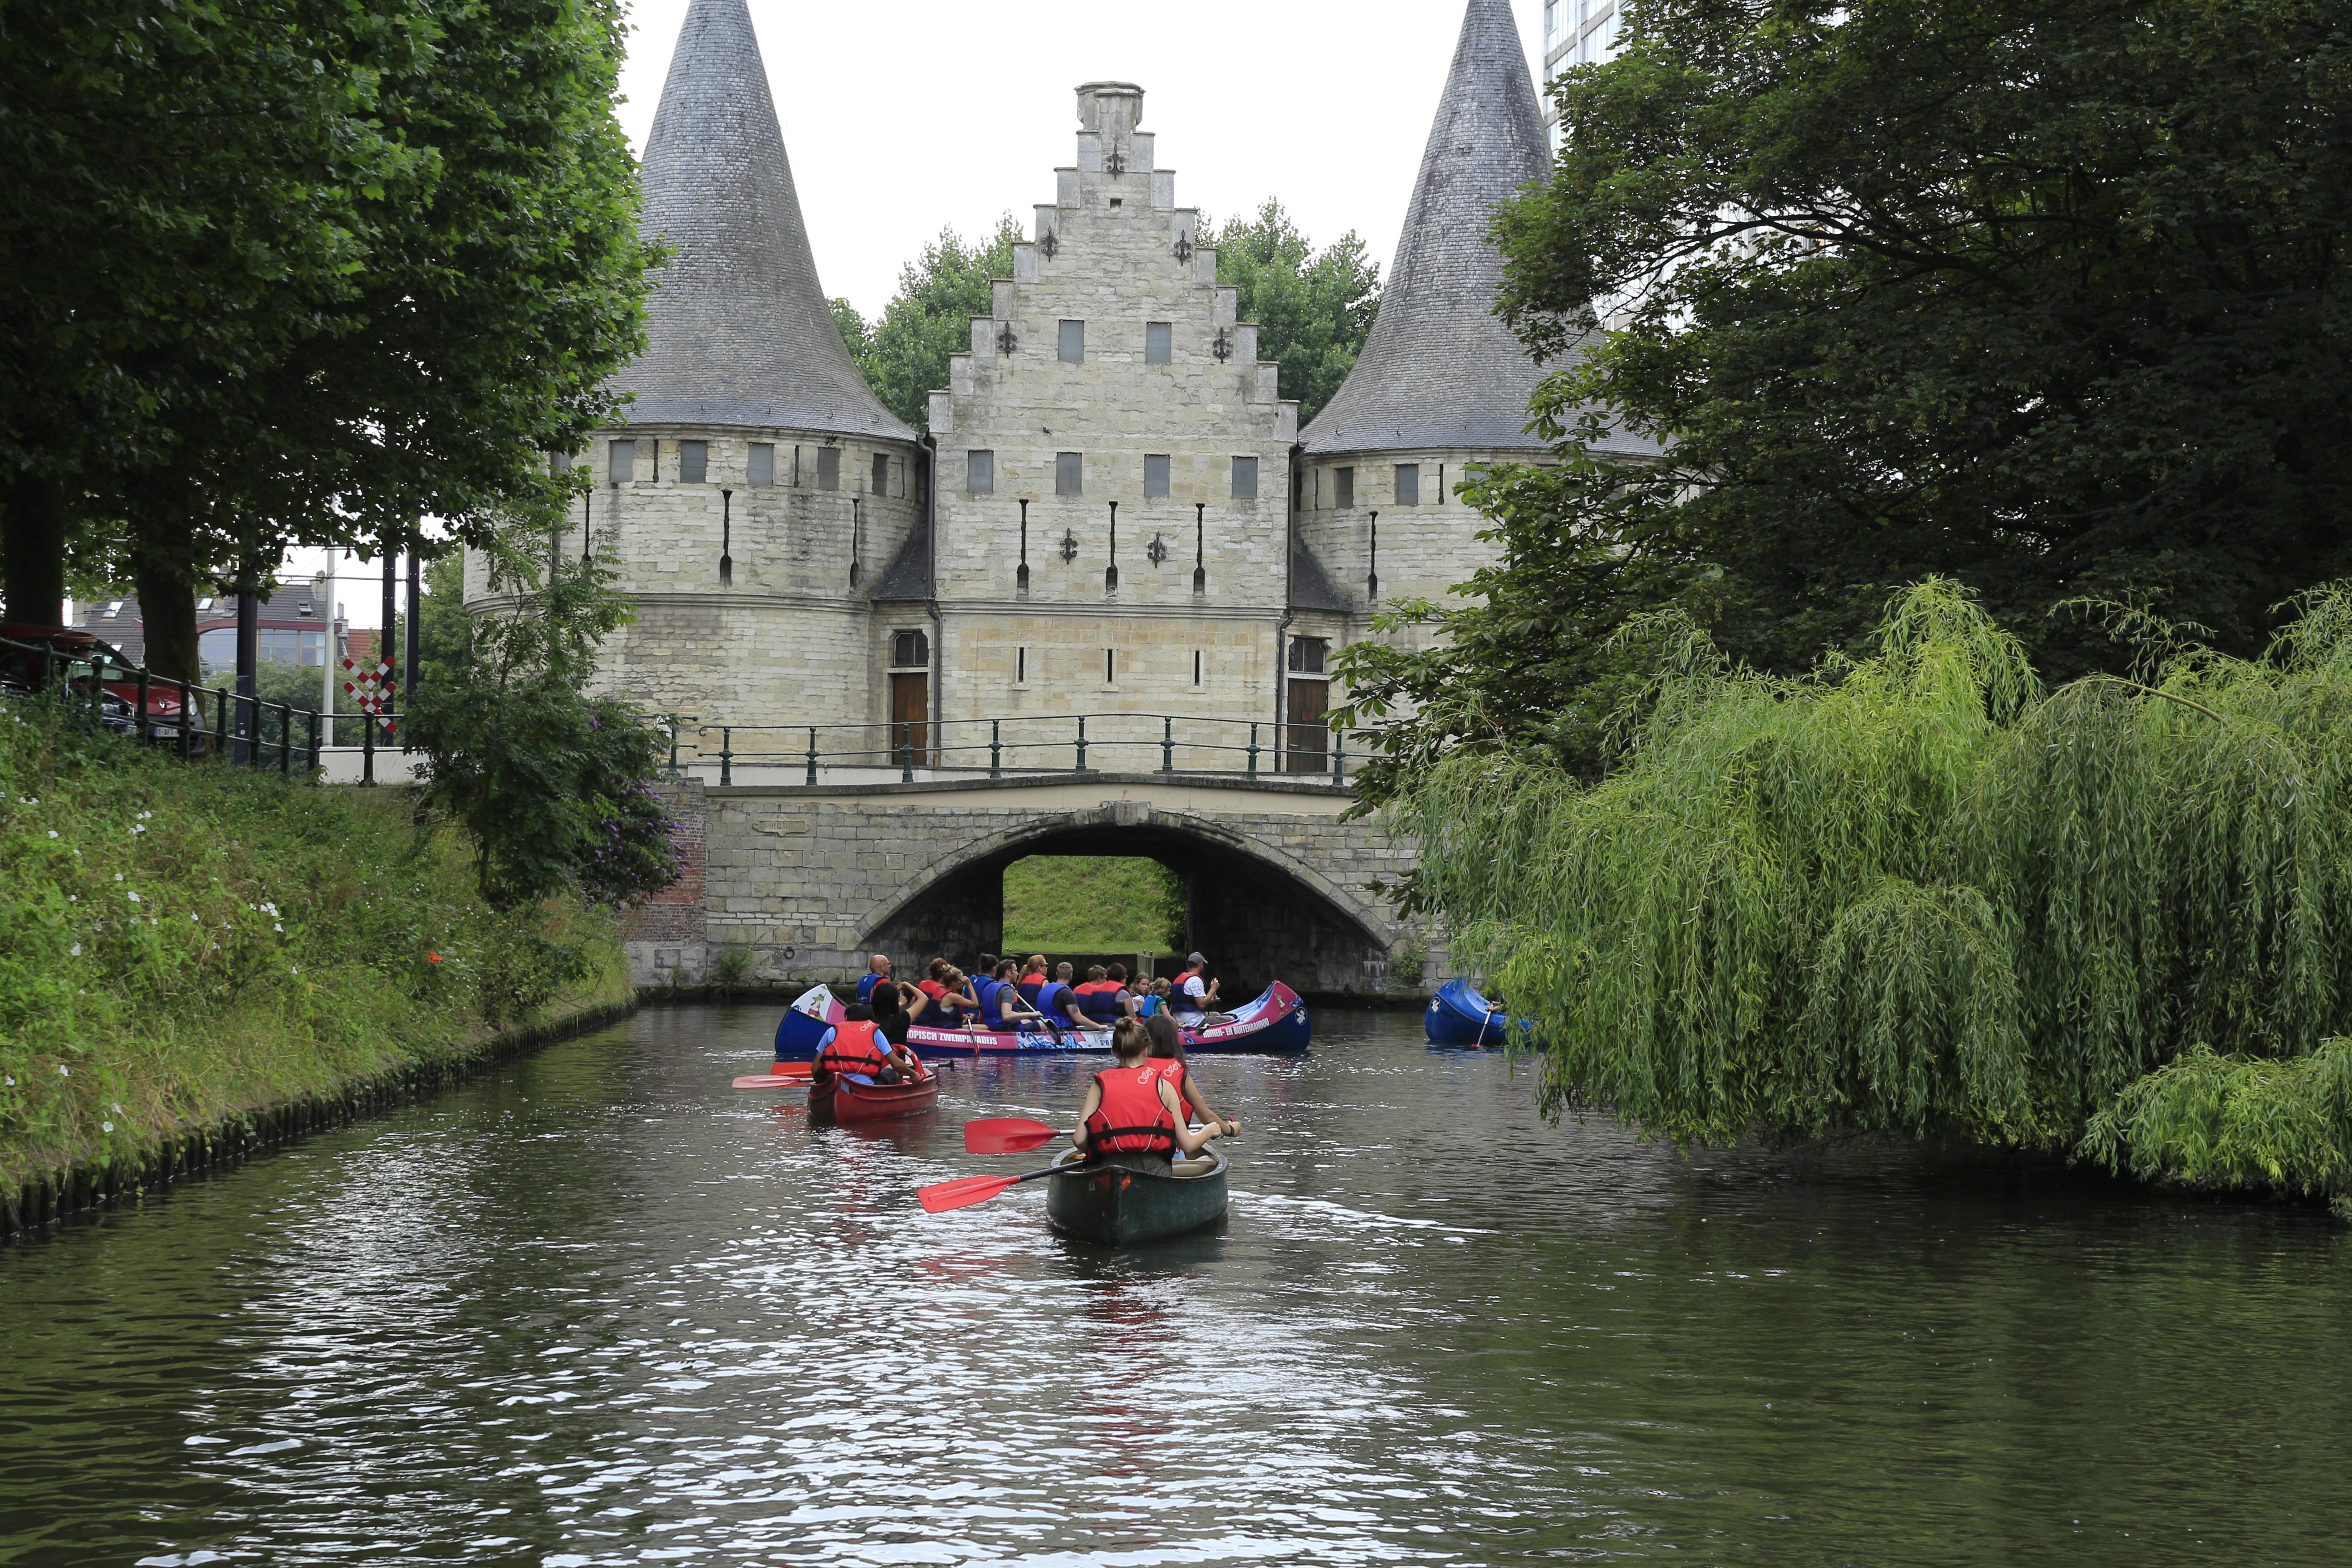 башня водный мост в бельгии фото точно знаем, каким